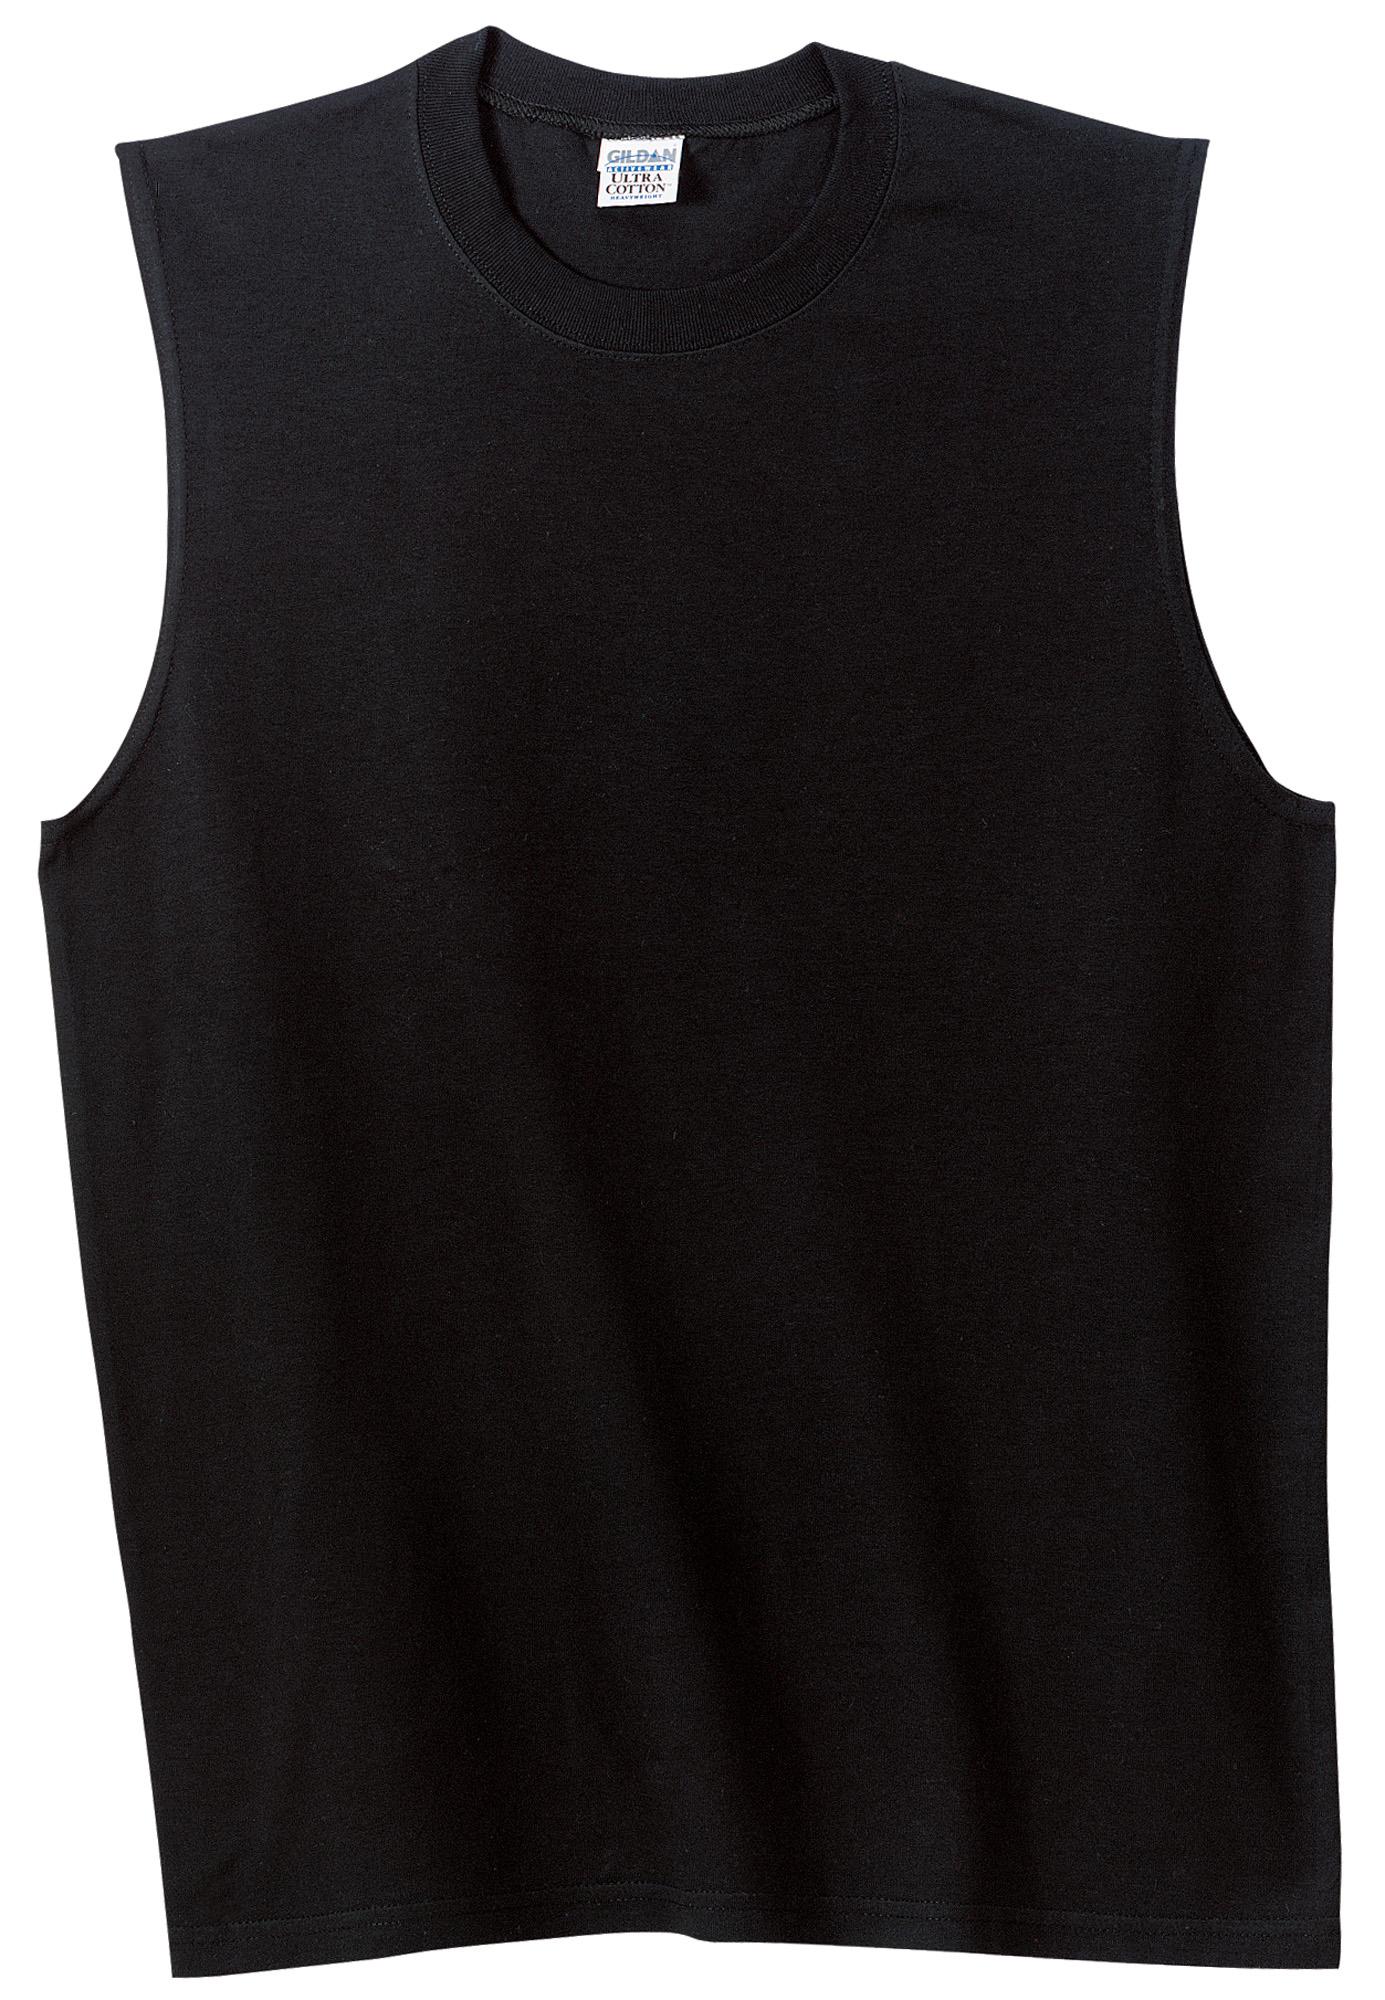 Gildan Ultra Cotton Sleeveless T Shirt 2700 Supply